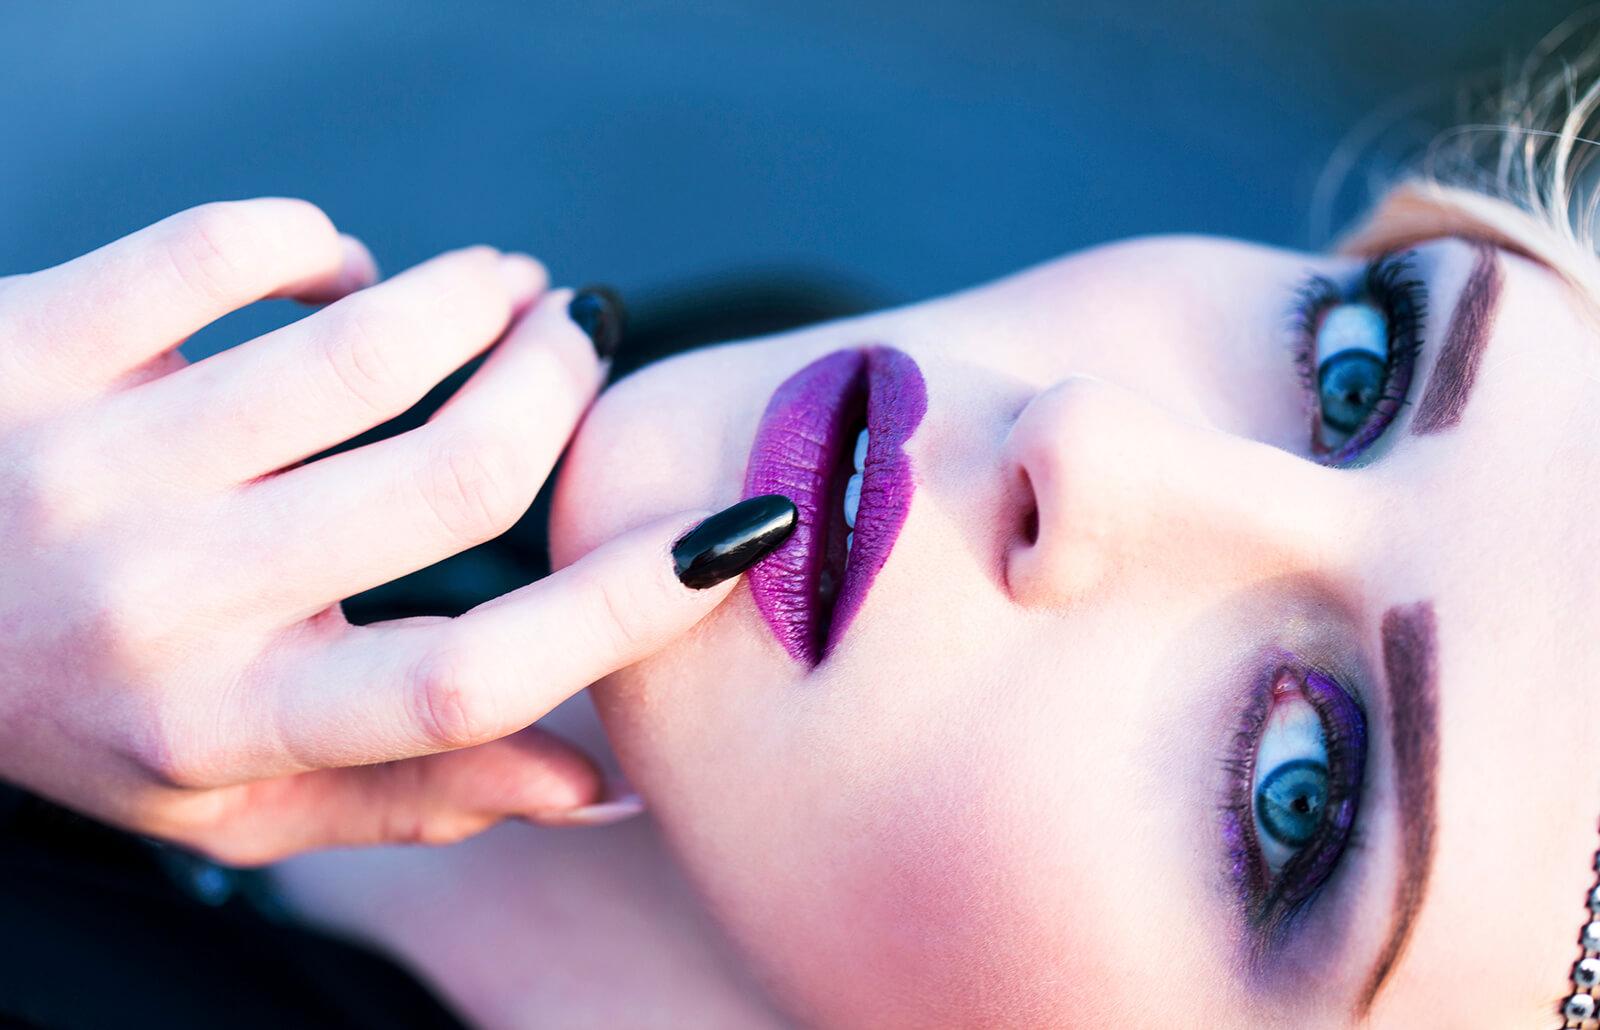 monohromatska šminka, šminka, monohromatski make up, make up, šminka saveti, šminka, beauty saveti, saveti za lepotu, lepota, lepota sveti, šminka za noć, šminka za dan, moodiranje